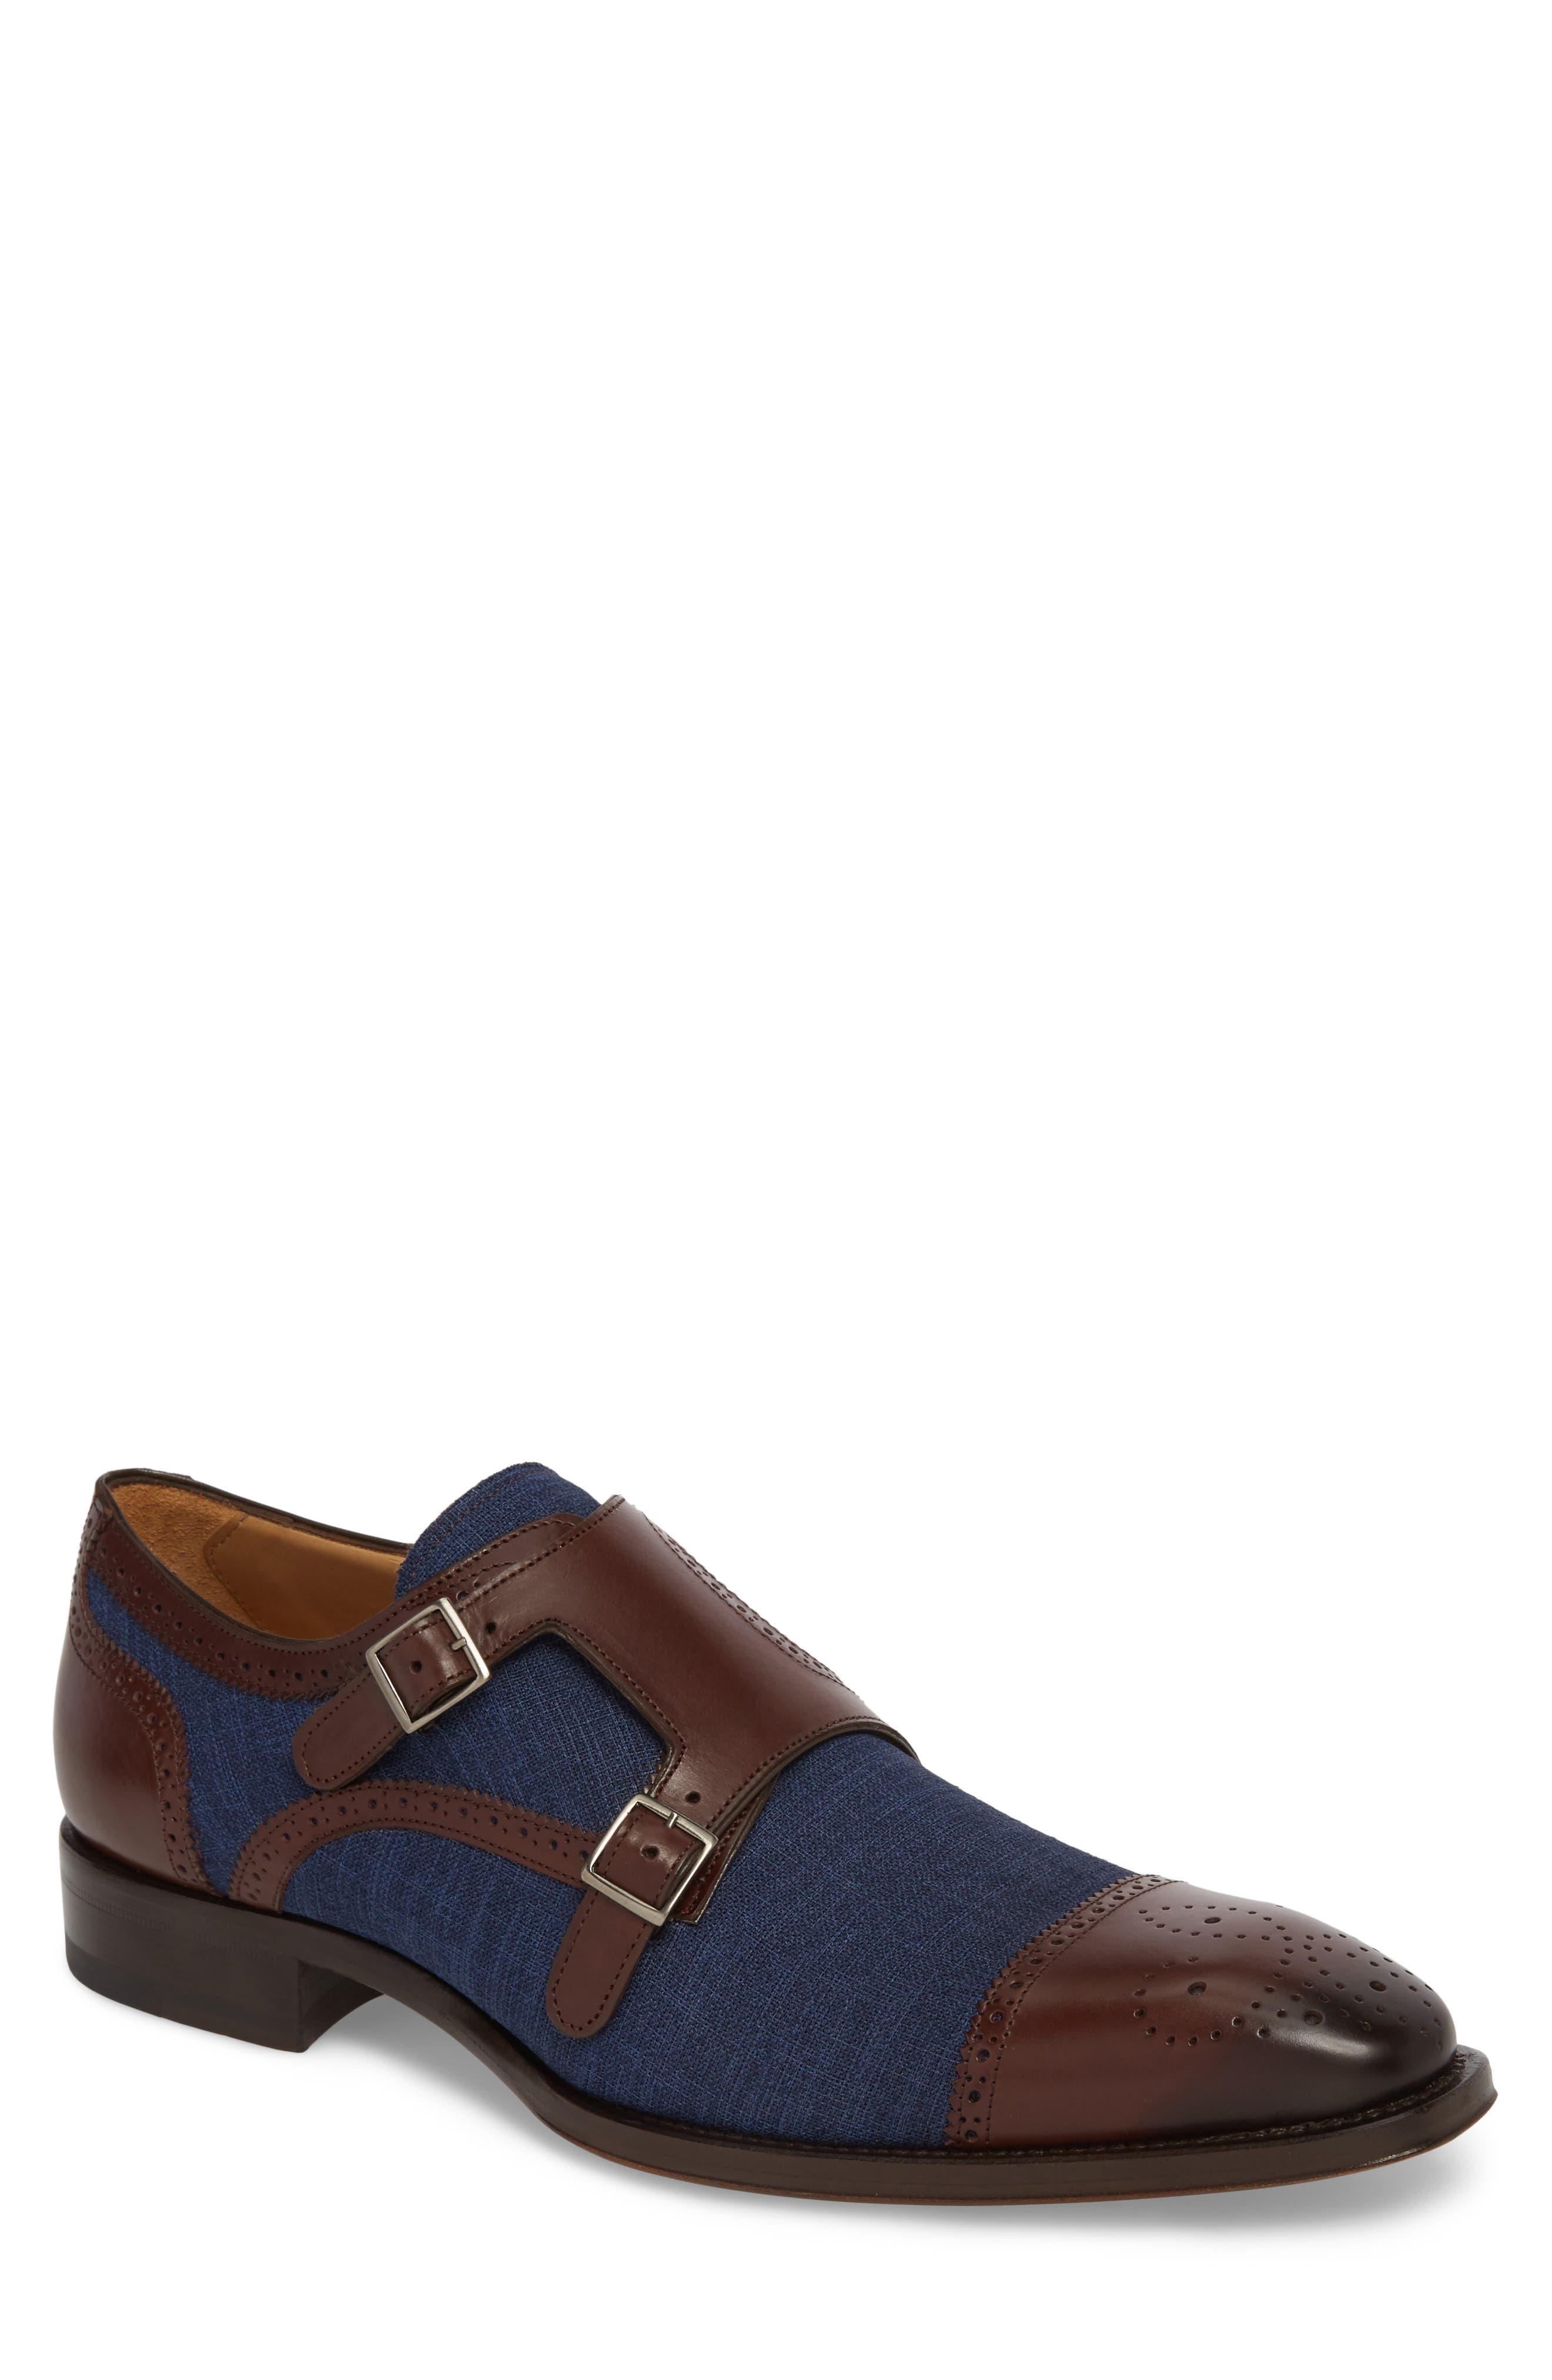 Cupido Double Monk Strap Cap Toe Shoe,                             Main thumbnail 1, color,                             Brown/ Blue Leather